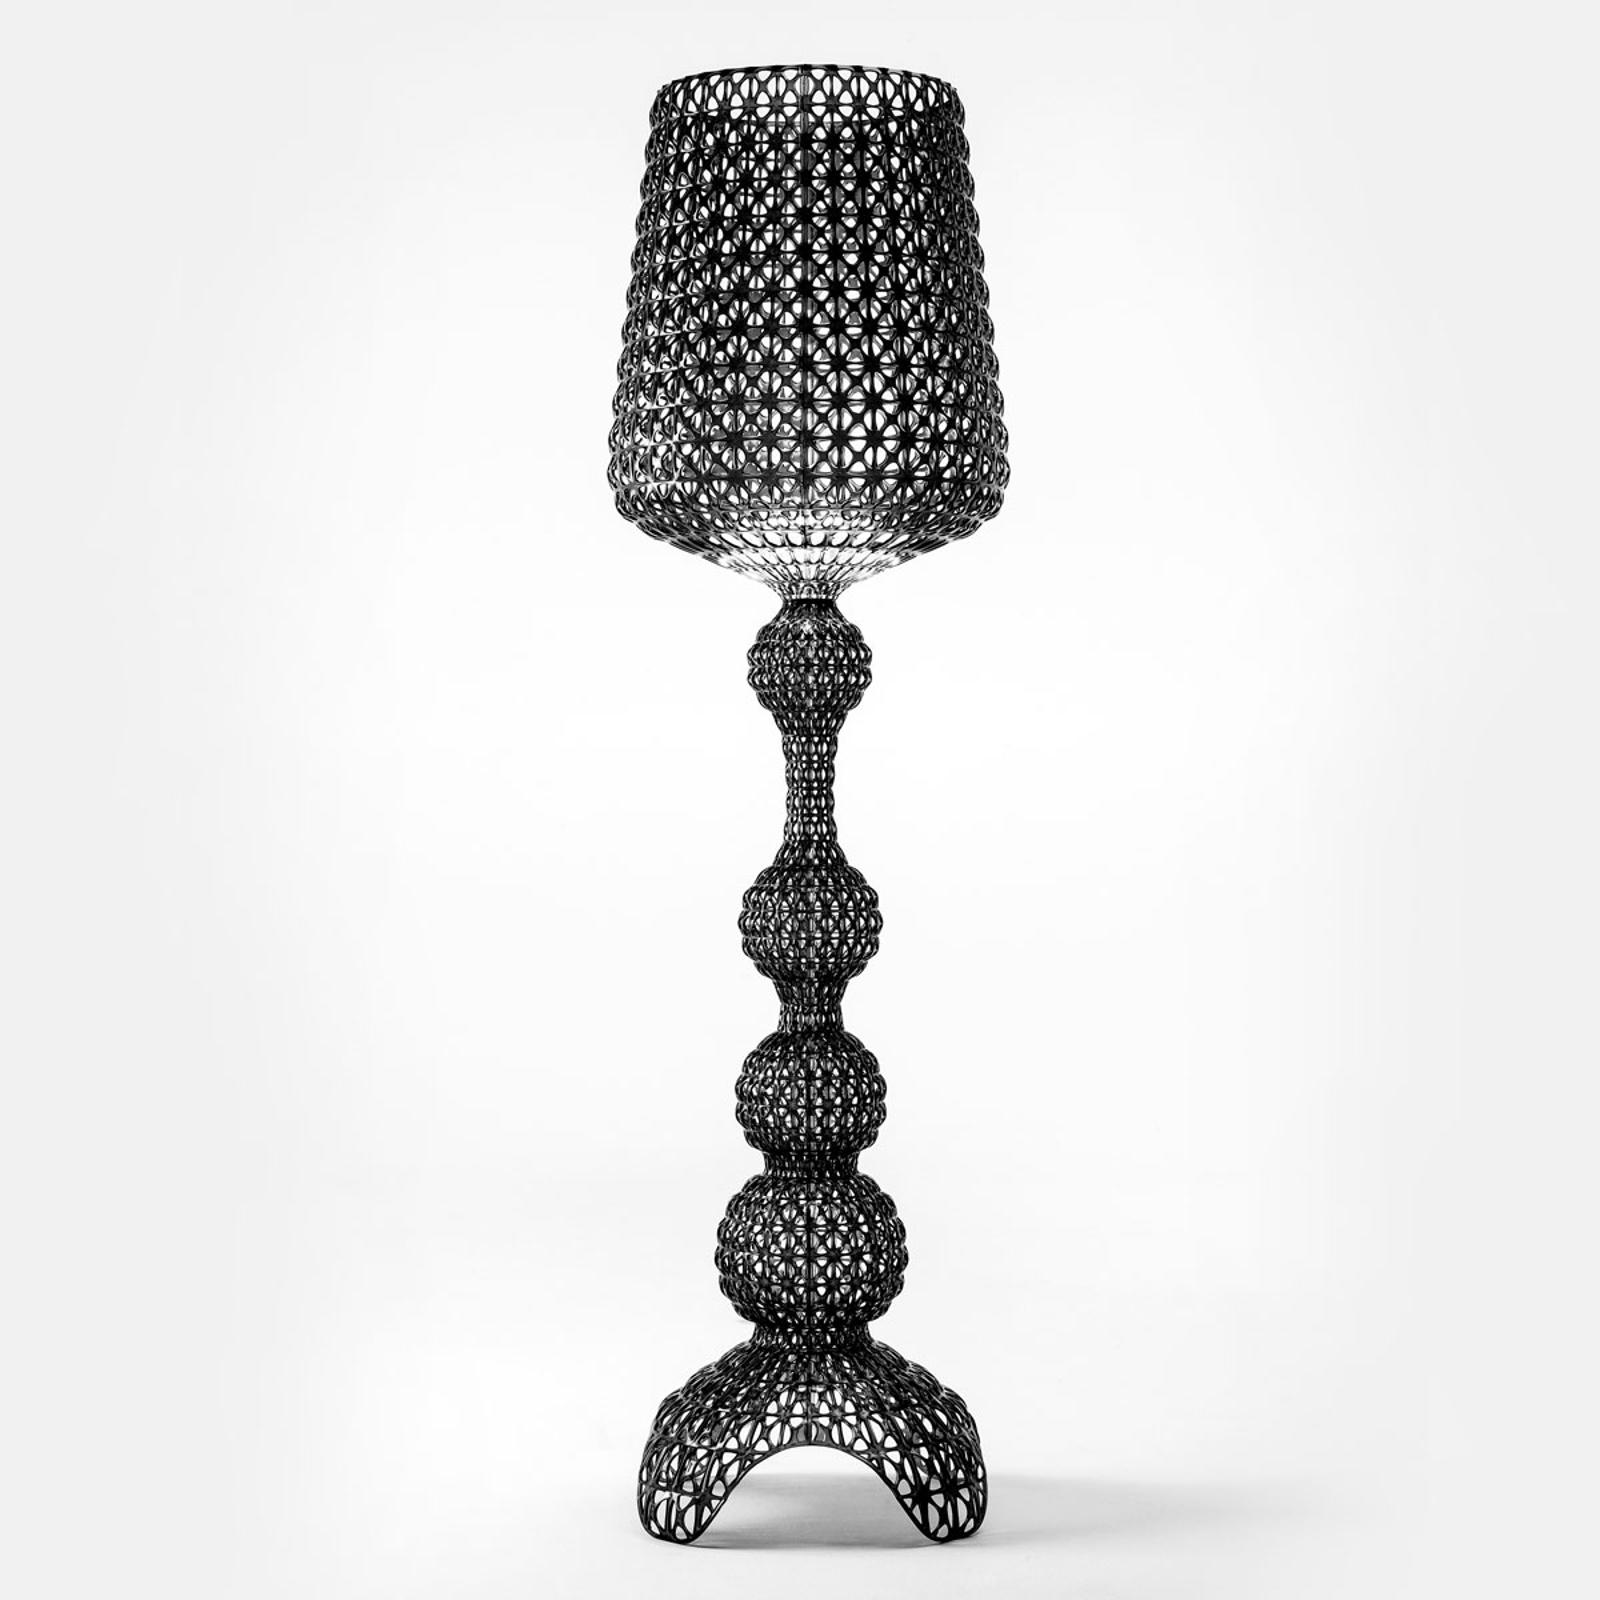 Lampa zewnętrzna stojąca LED Kabuki, czarna